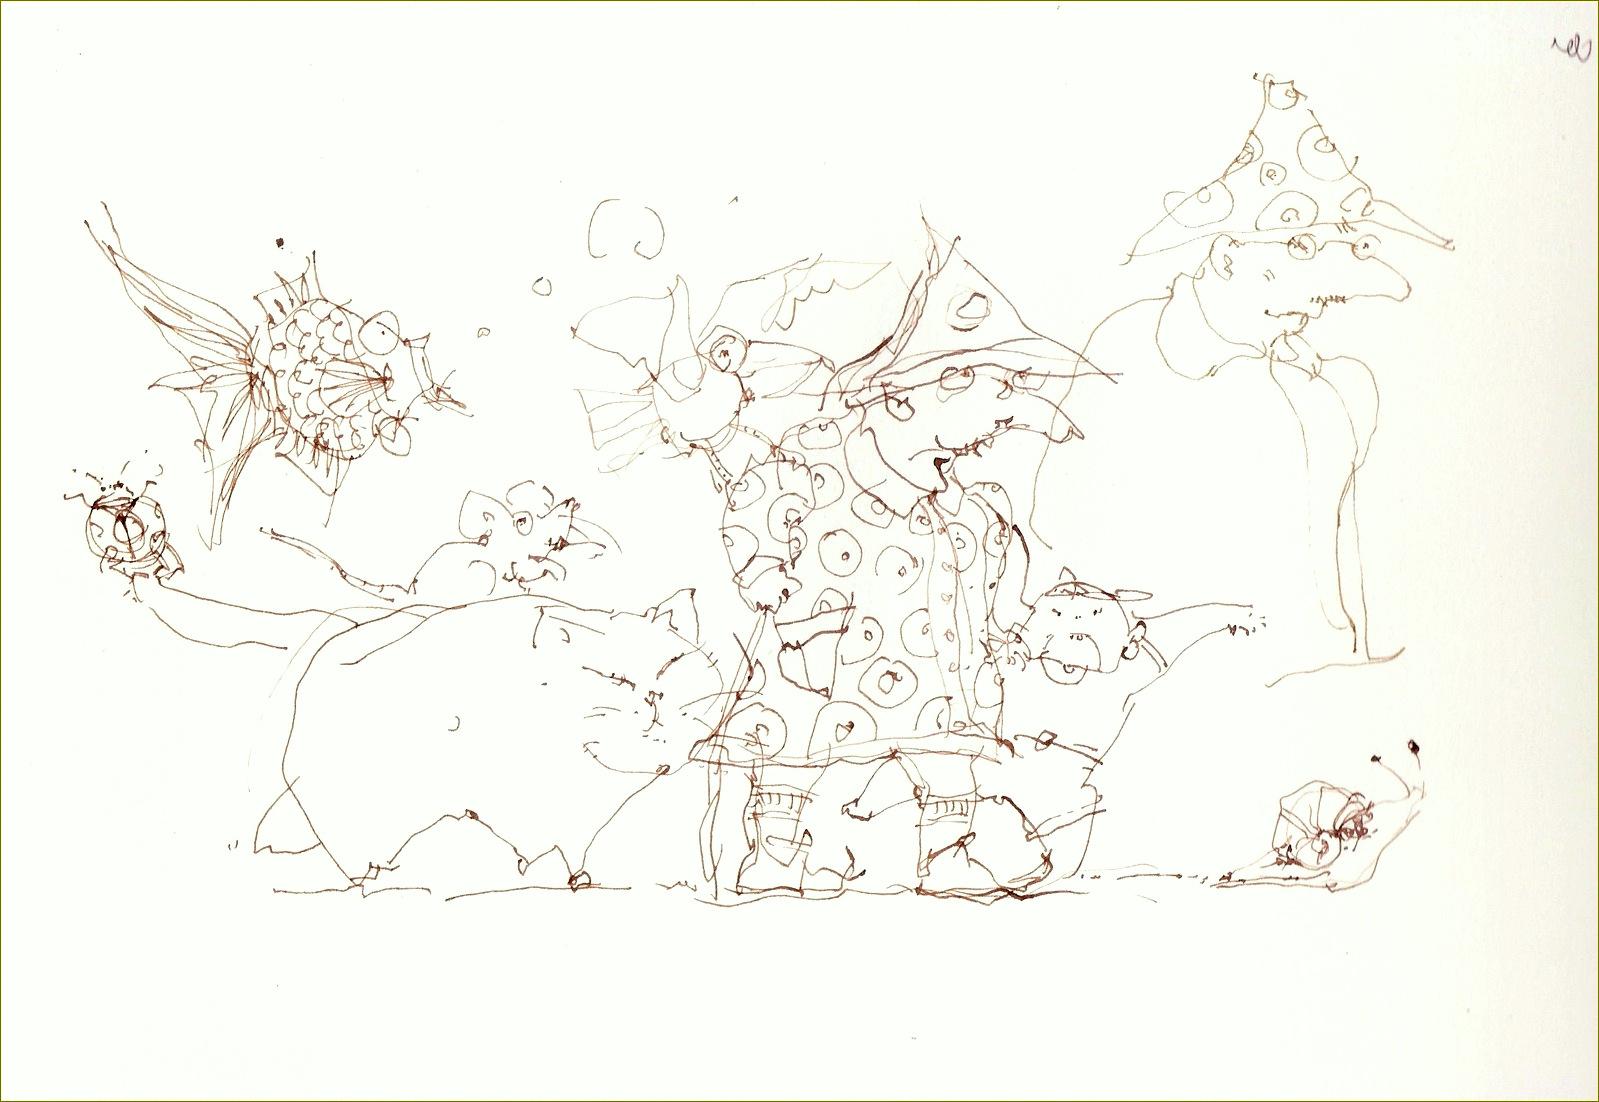 《 ソコラノカミにイタズラガキ Ⅳ ・・・ ルンペンジジイ春うらら 》》 _f0159856_901933.jpg